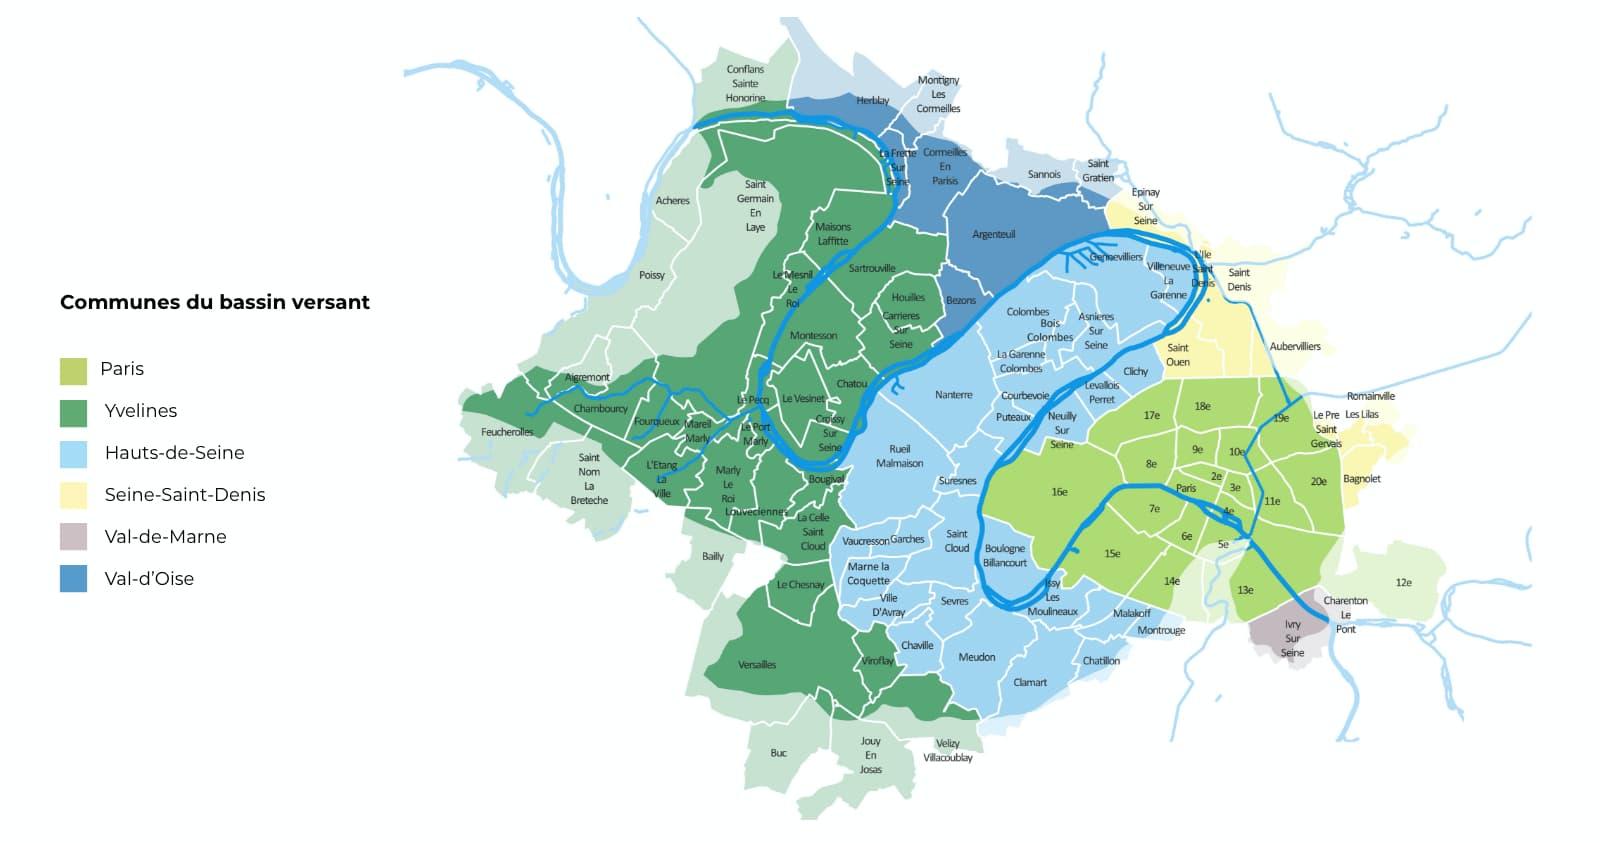 Carte des communes du bassin versant